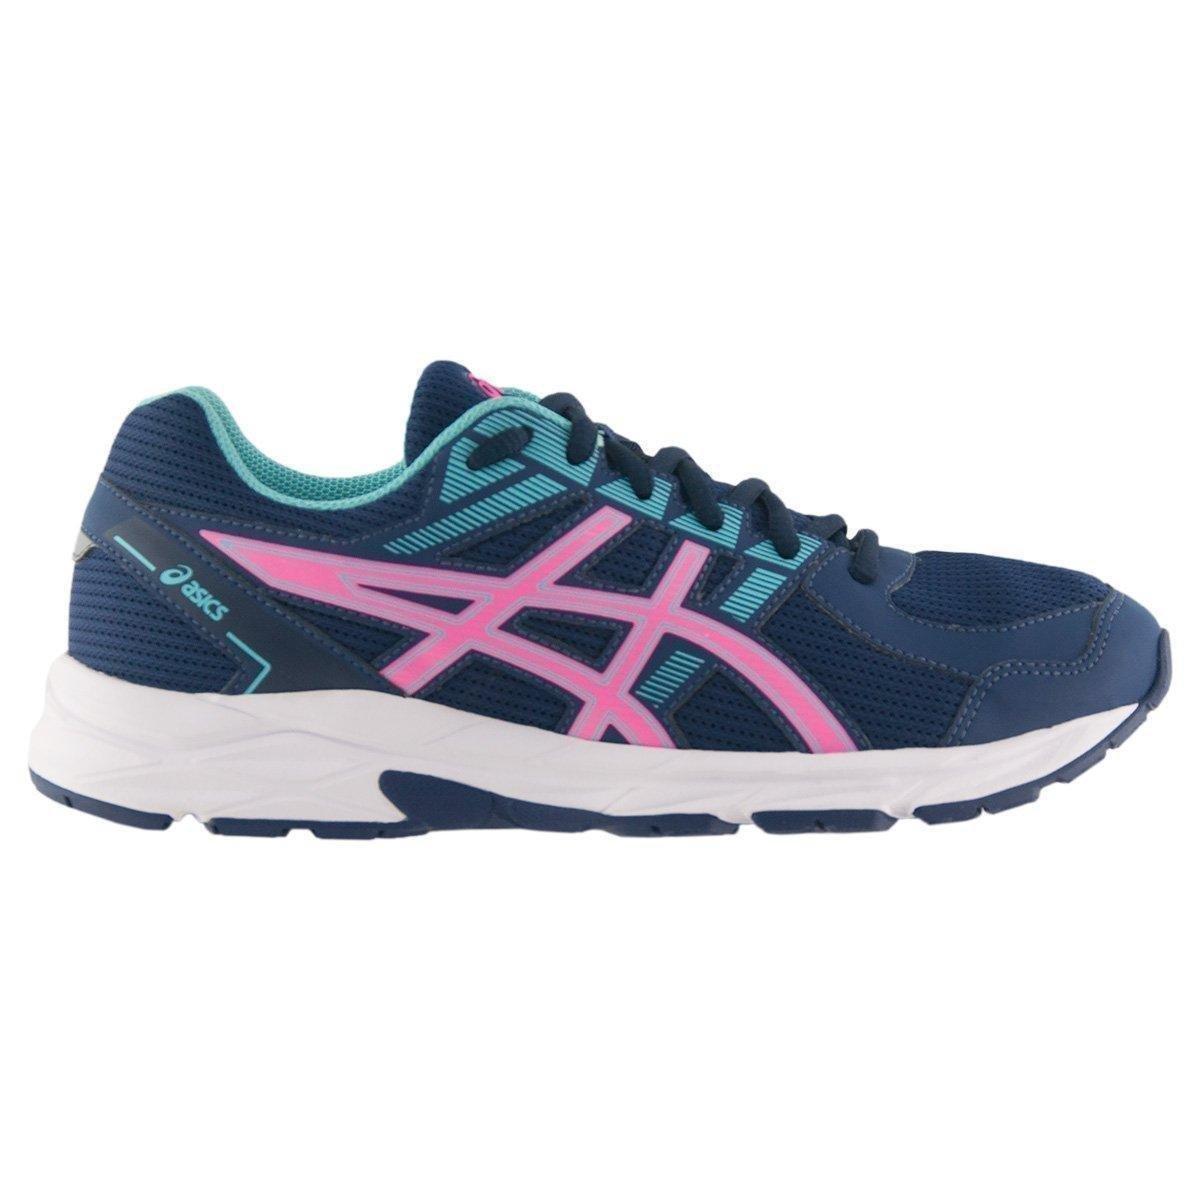 521b318f694 Tênis Asics Raiden Feminino - Marinho e Pink - Compre Agora